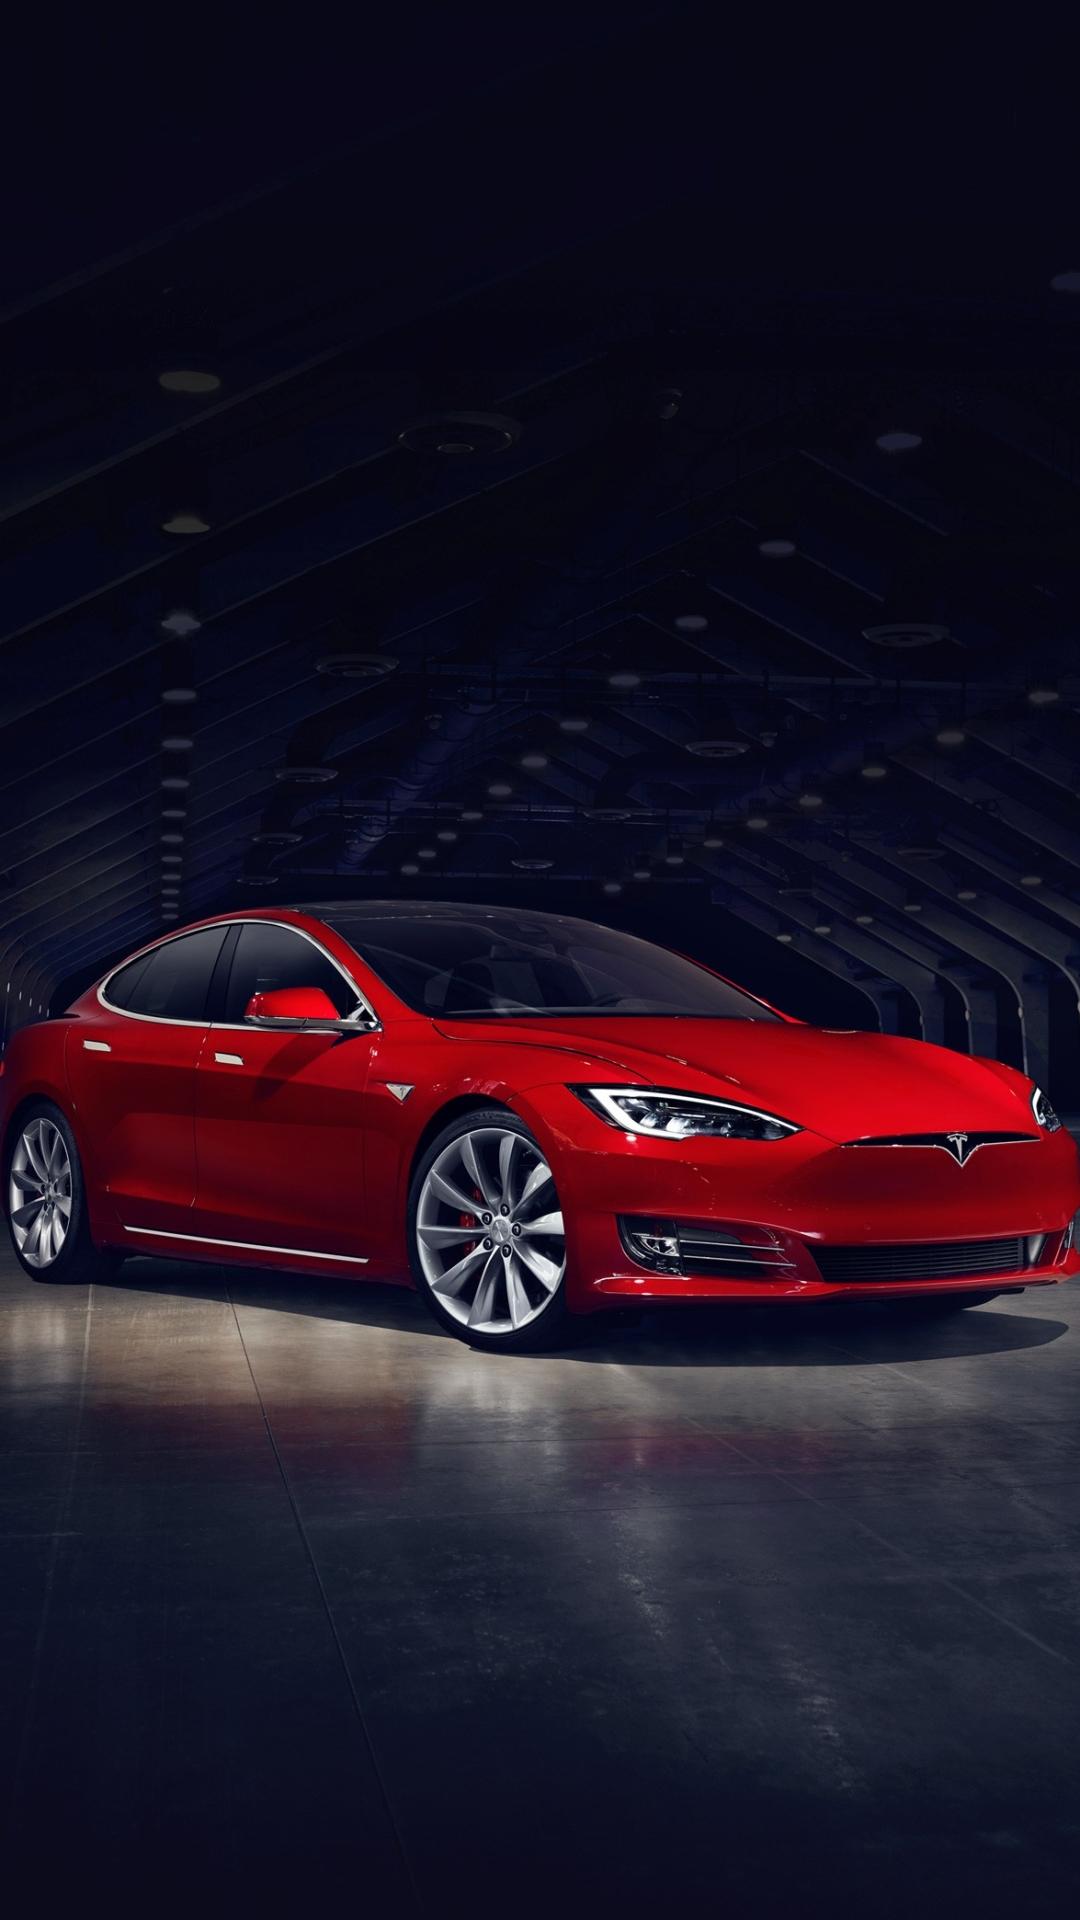 iPhone wallpaper Red Tesla Model S Tesla